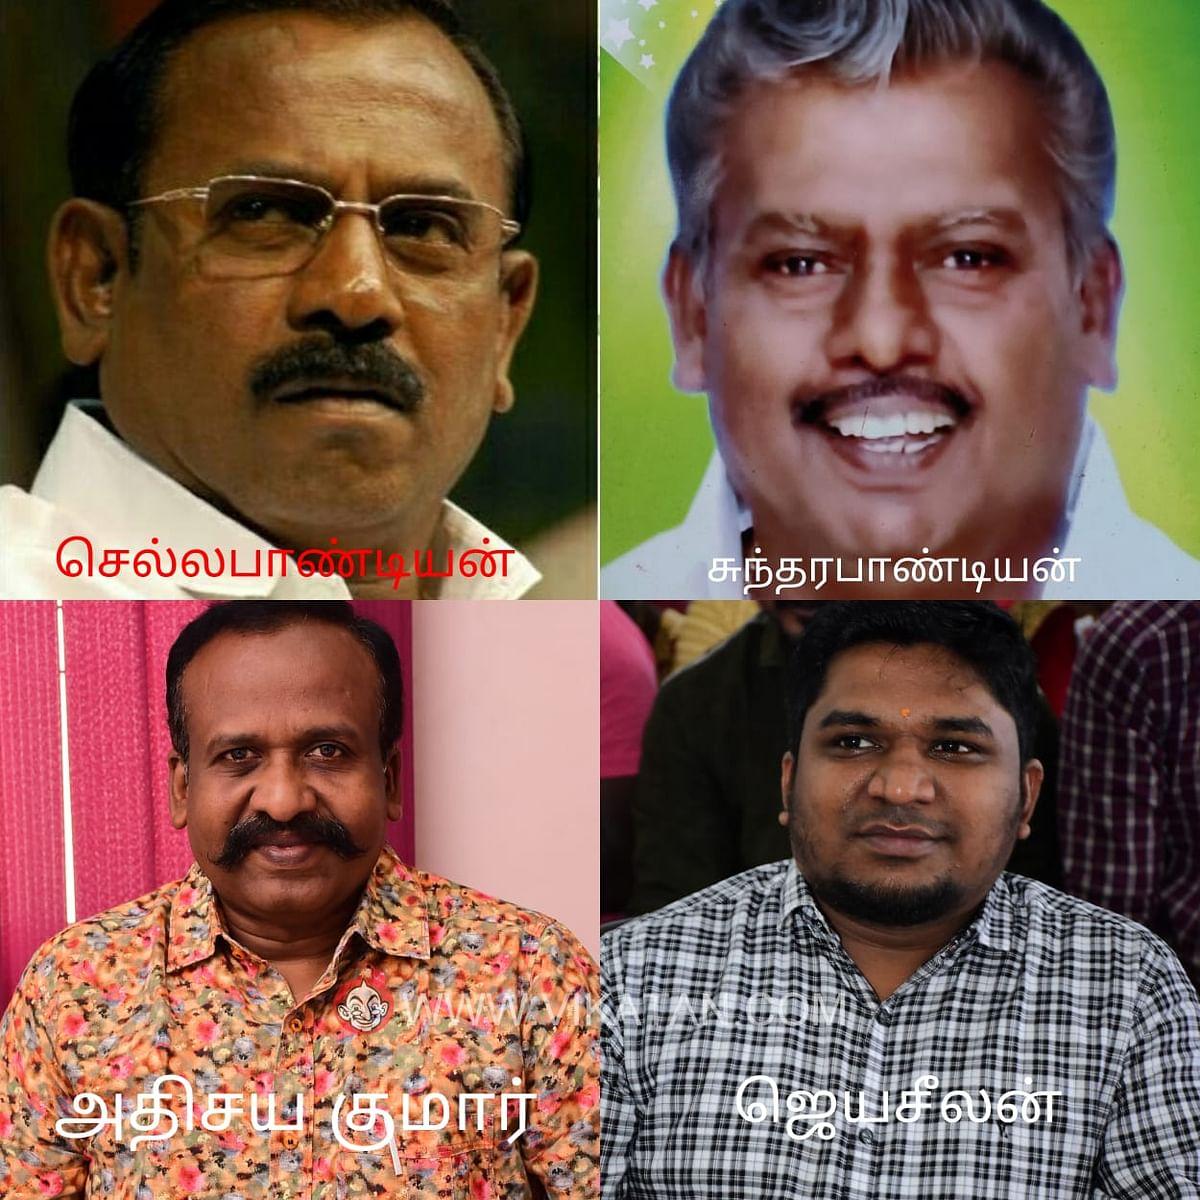 செல்லப்பாண்டியன், சுந்தரபாண்டியன், அதிசயகுமார் & ஜெயசீலன்